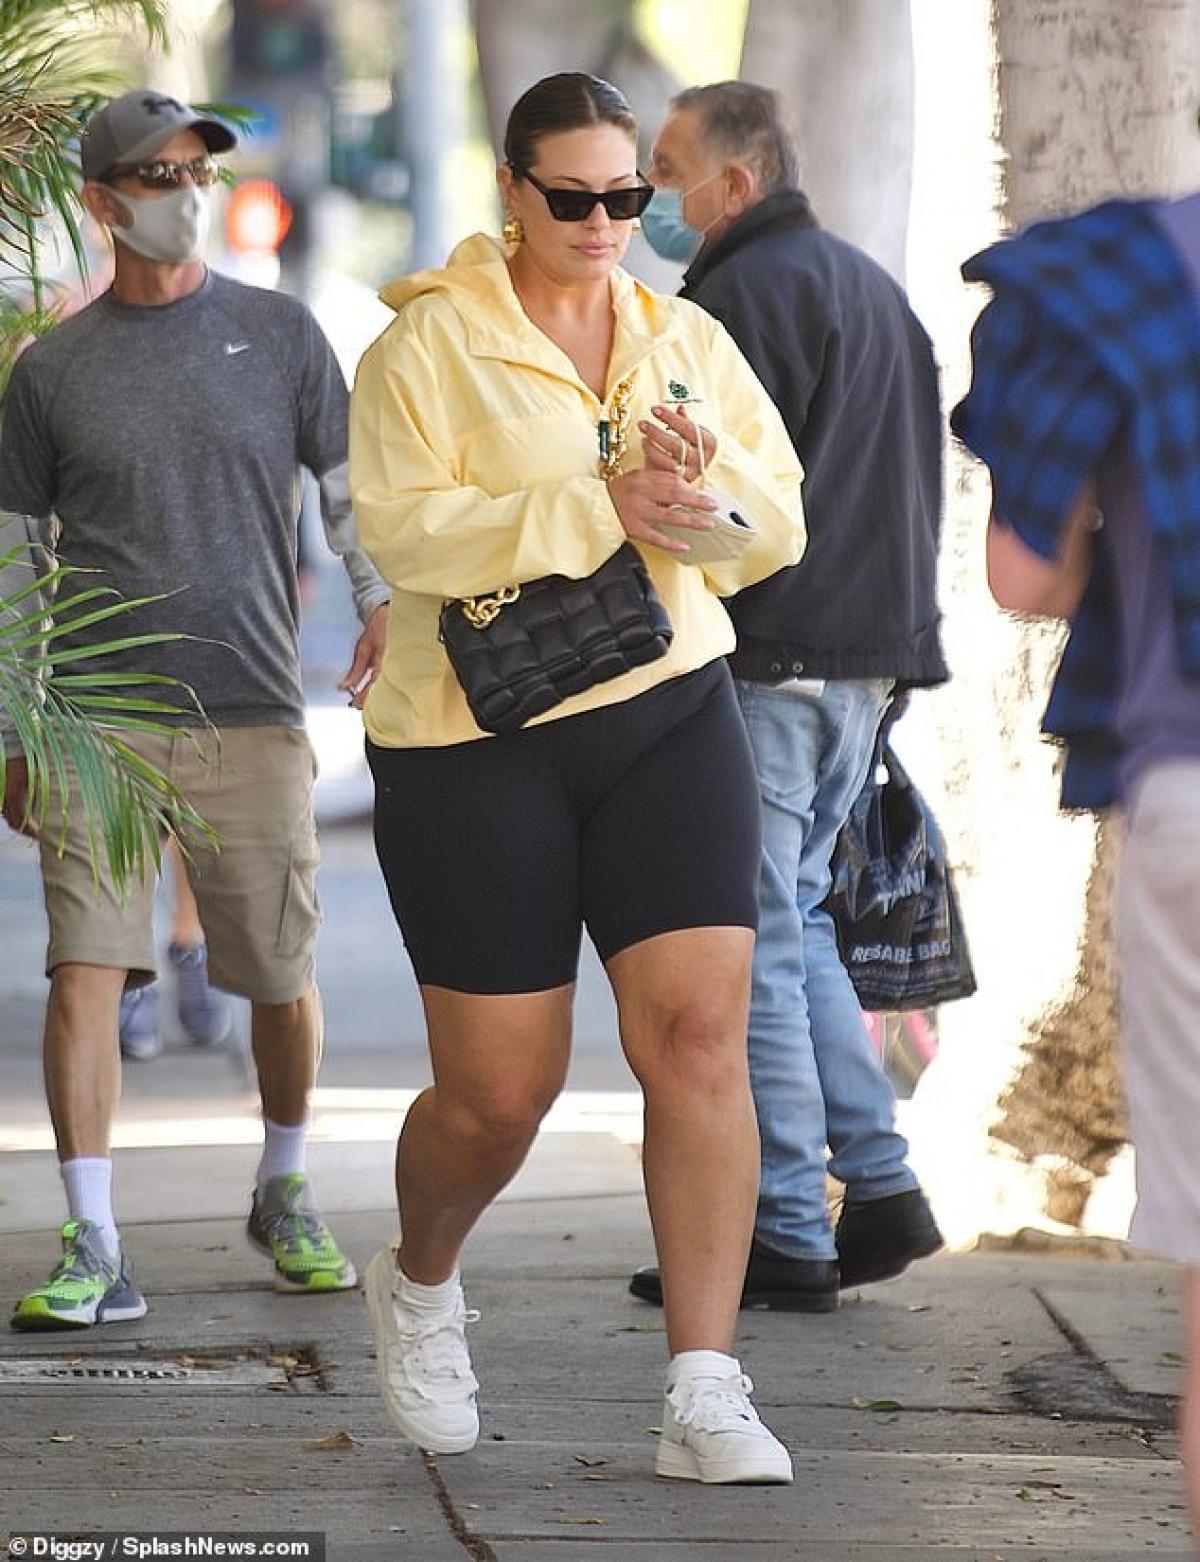 Mới đây, Ashley Graham bị cánh săn ảnh bắt gặp khi đang một mình ra phố ở Santa Monica.